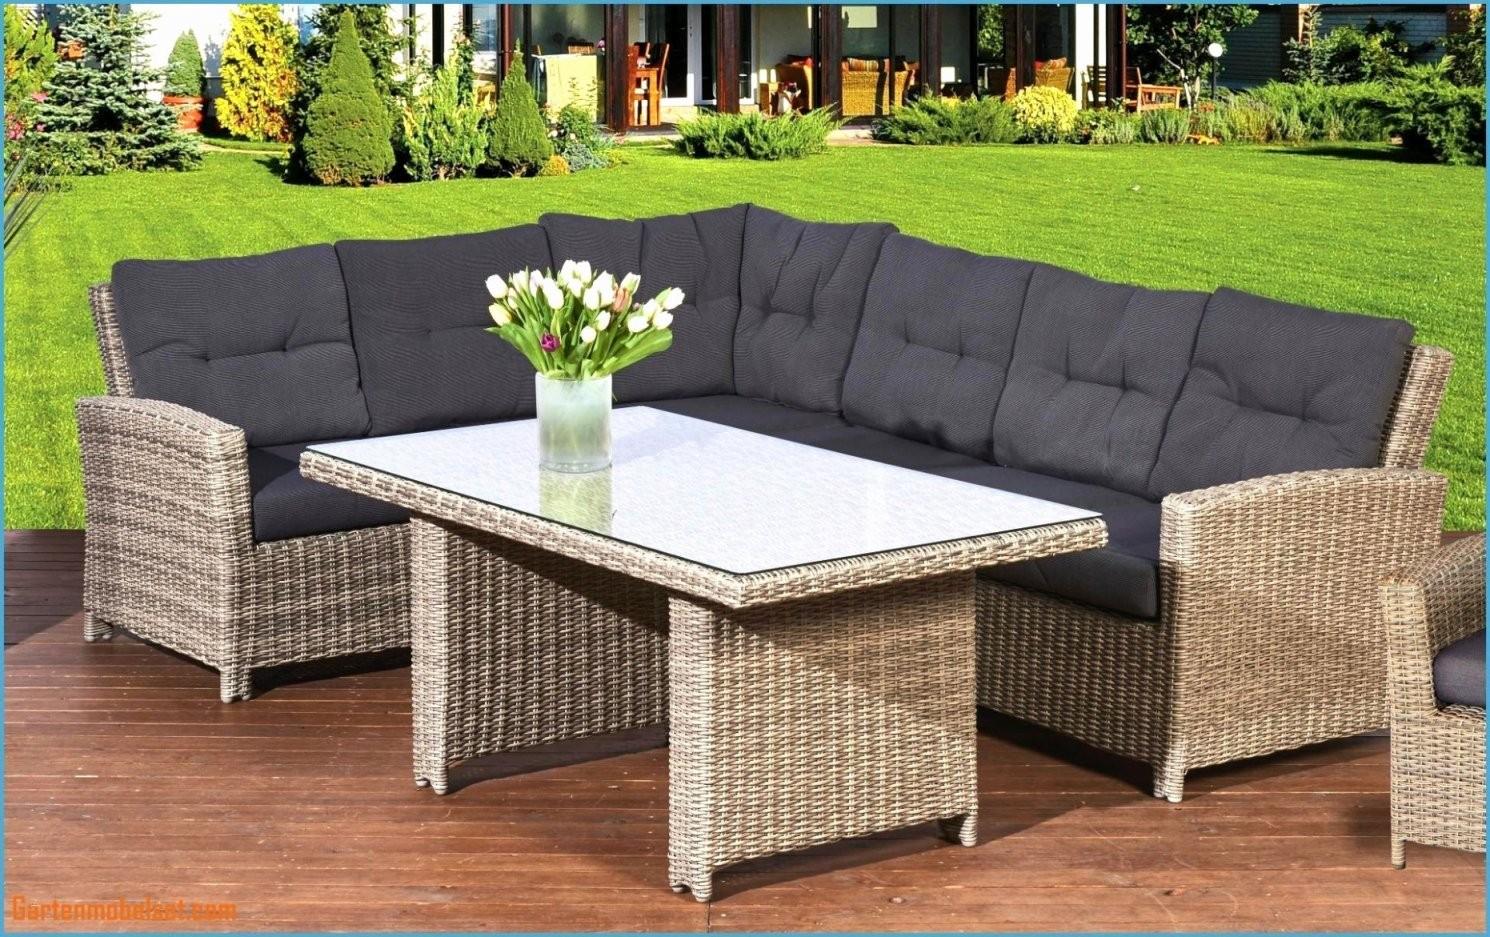 Rustikale Holz Gartenmöbel Aus Polen Designs Dieser Gut Garten Und von Rustikale Holz Gartenmöbel Aus Polen Bild